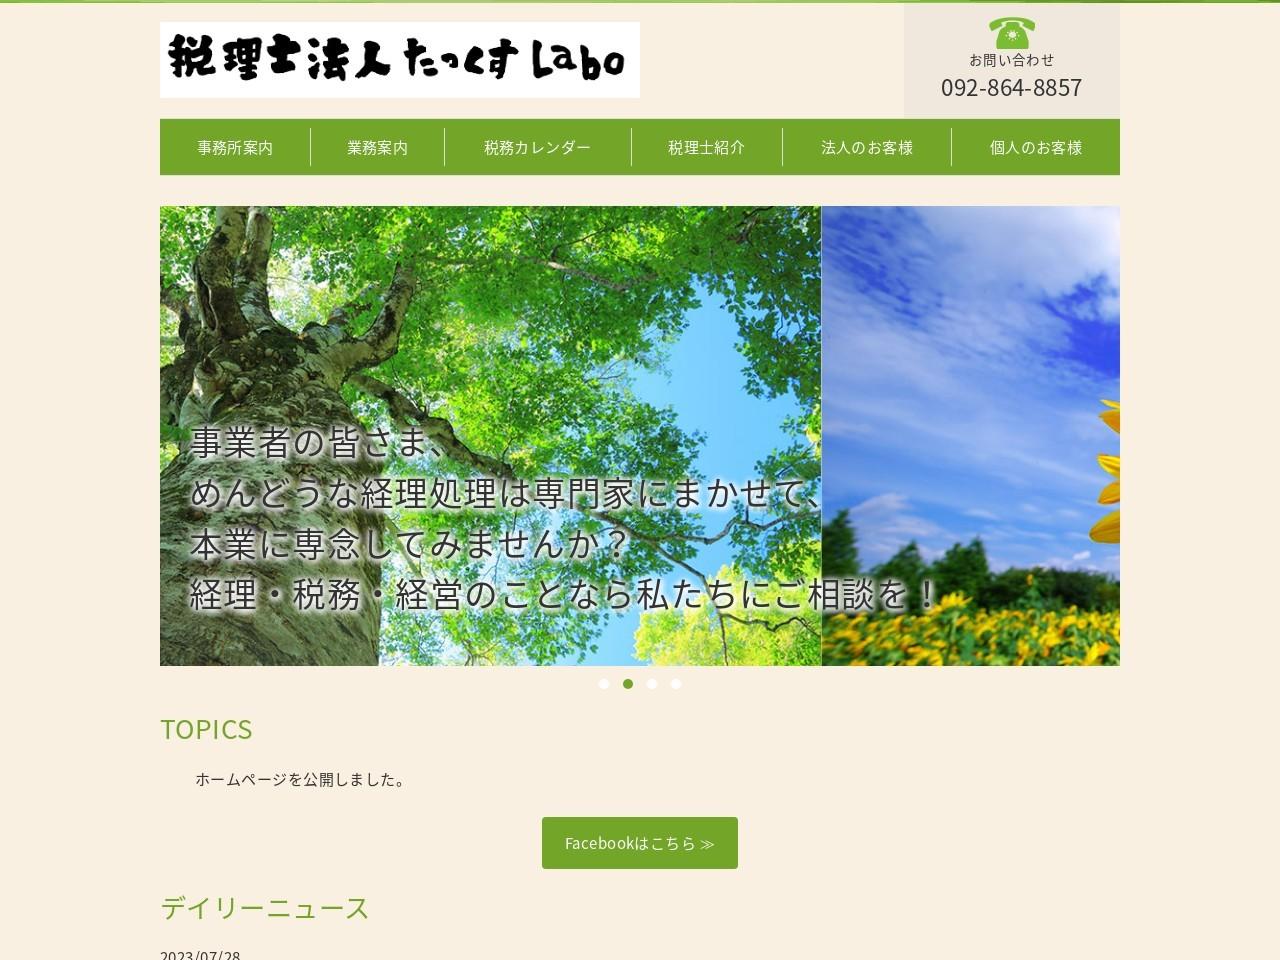 たっくすLabo(税理士法人)